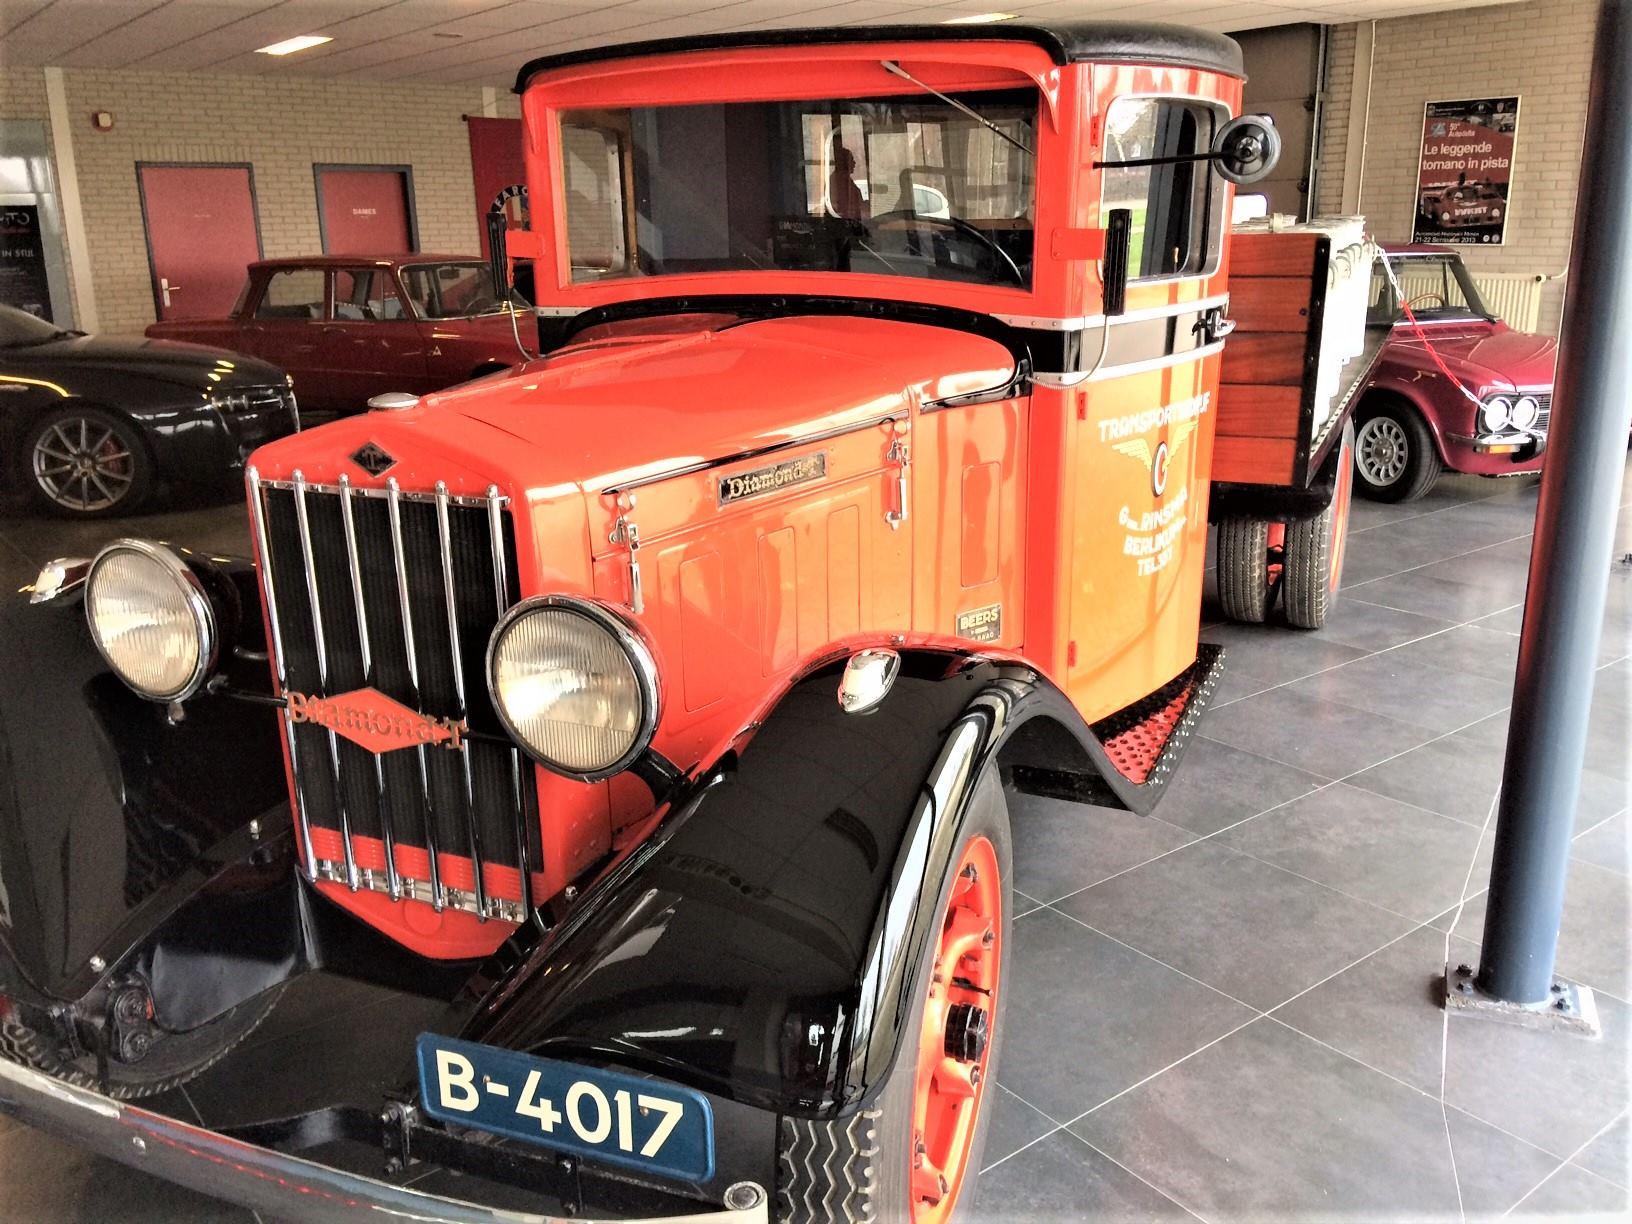 Diamond-T-van-1933-door-mijn-oom-Evert-Rondaan-gerestaureerd-de-gehele-cabine-en-de-motorkap-en-al-het-plaatwerk-vernieuwd-en-Hendrik-Rinsma-heeft-de-laadbak-gemaakt-1